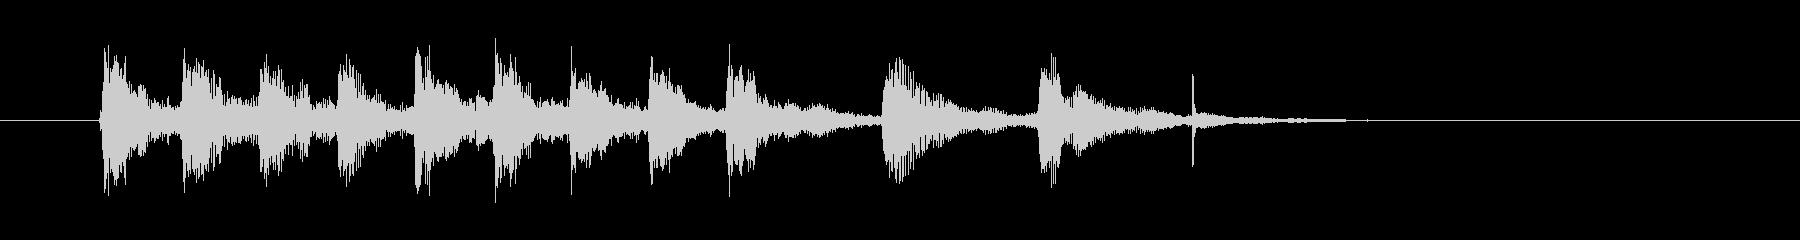 ピチカートが特徴のジングル、サウンドロゴの未再生の波形